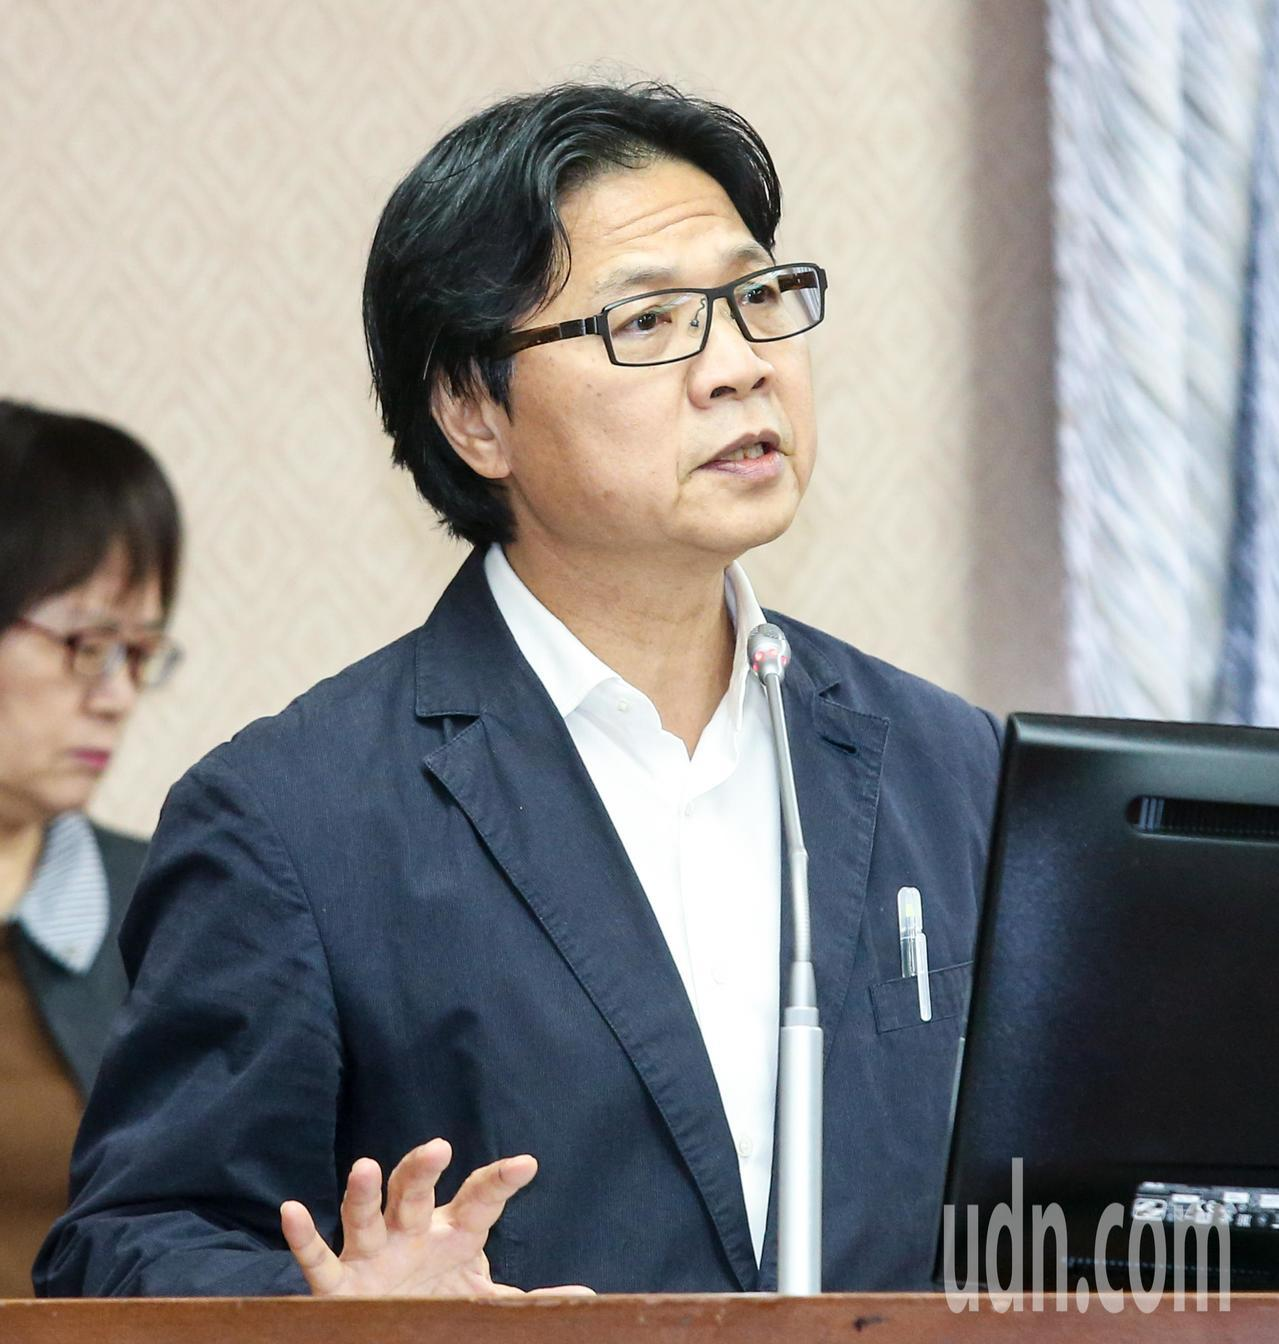 內政部長葉俊榮(圖)接受備詢。記者鄭清元/攝影